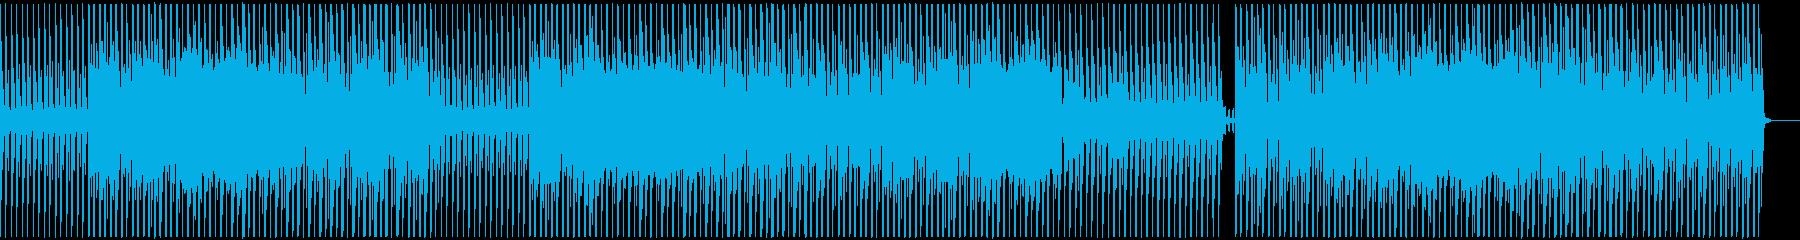 未来的でクールなミニマルテクノの再生済みの波形